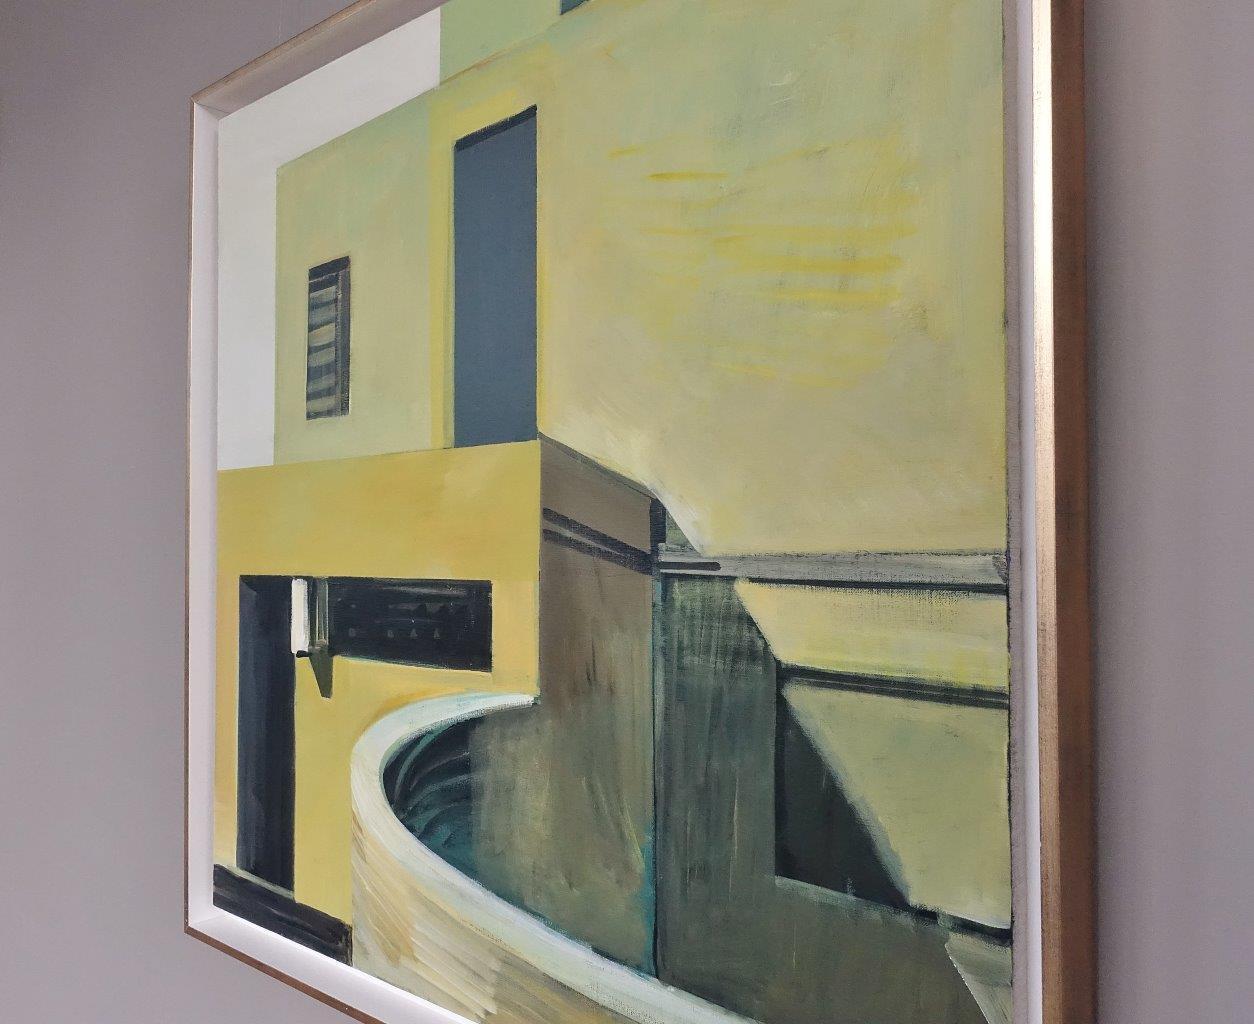 Maria Kiesner : Villa in yellow light